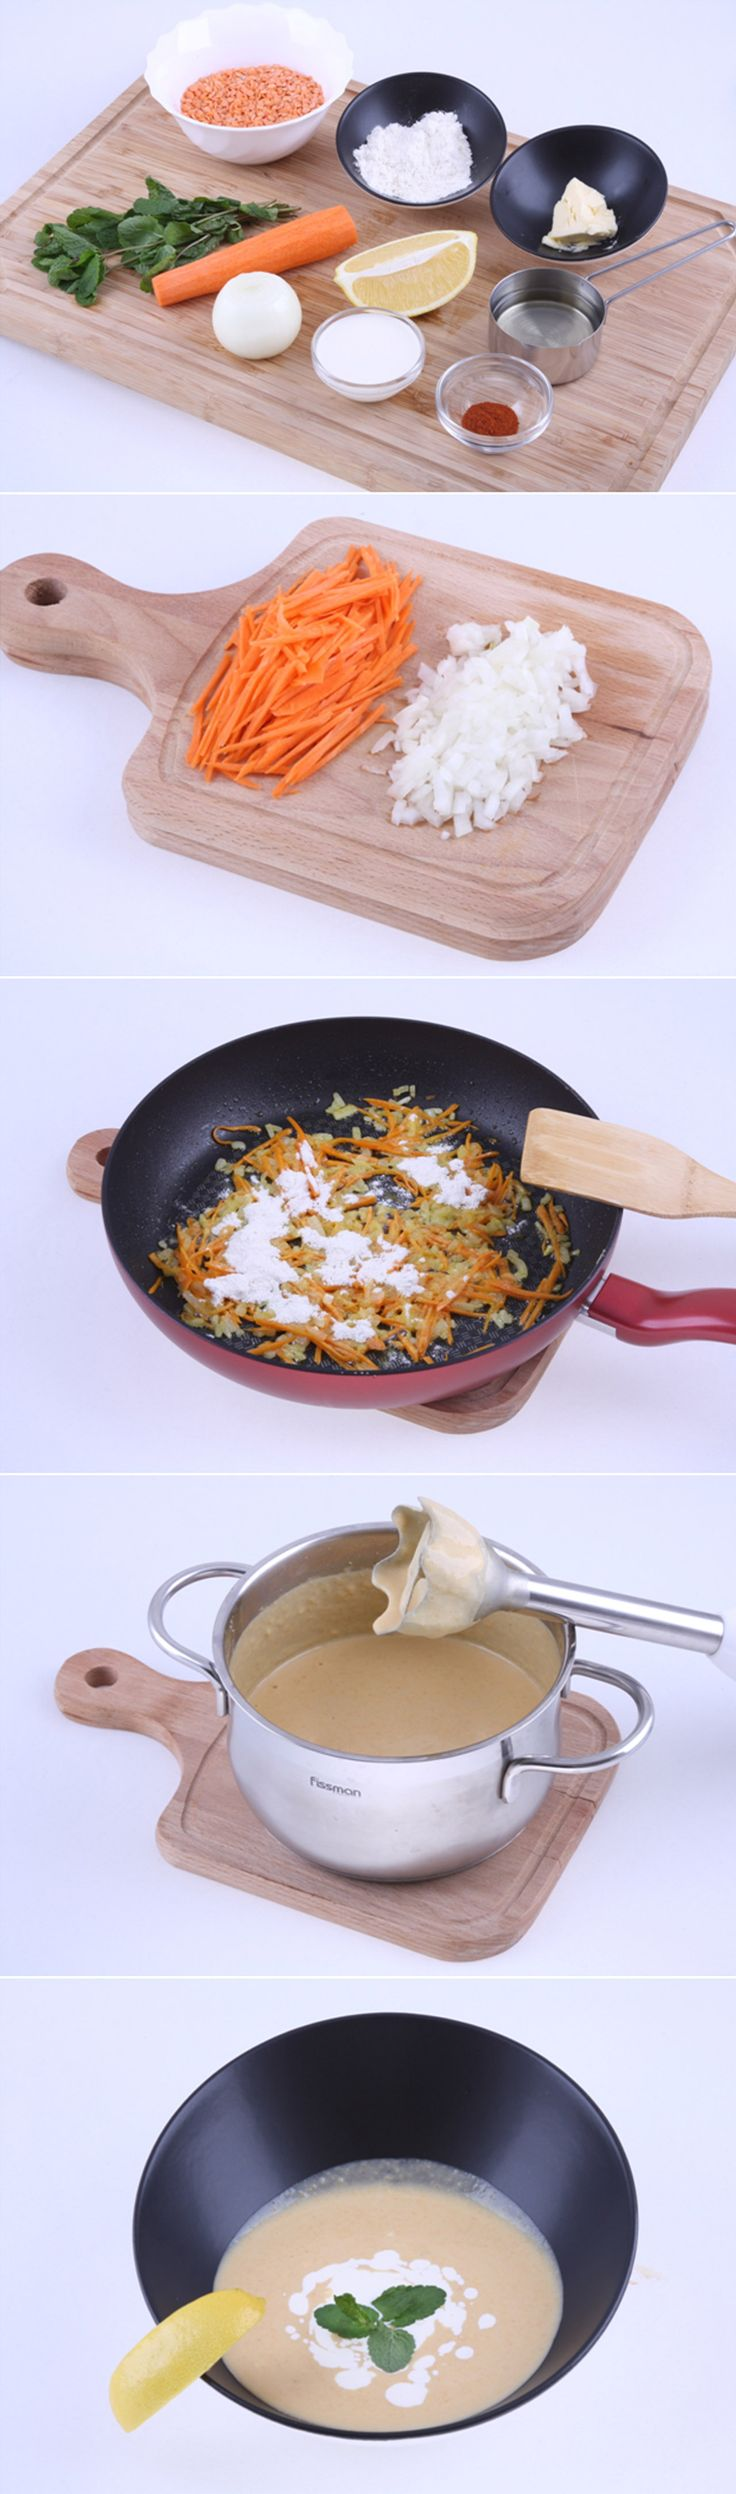 Турецкая чечевичная похлебка «Мерджимек-чорбасы». Чечевичная похлебка очень полезна Для вегетарианцев похлебка будет незаменимым блюдом. Вам она понравится не только за свои вкусовые и питательные качества, но и за то, что ее очень просто и быстро готовить! Ингредиенты и рецепт...http://vk.com/dinnerday; http://instagram.com/dinnerday #суп #кулинария #похлебка #чечевица #вегетарианское #еда #овощи #рецепт #dinnerday #food #cook #recipe #soup #cookery #lentil #vegetables #vegetarian